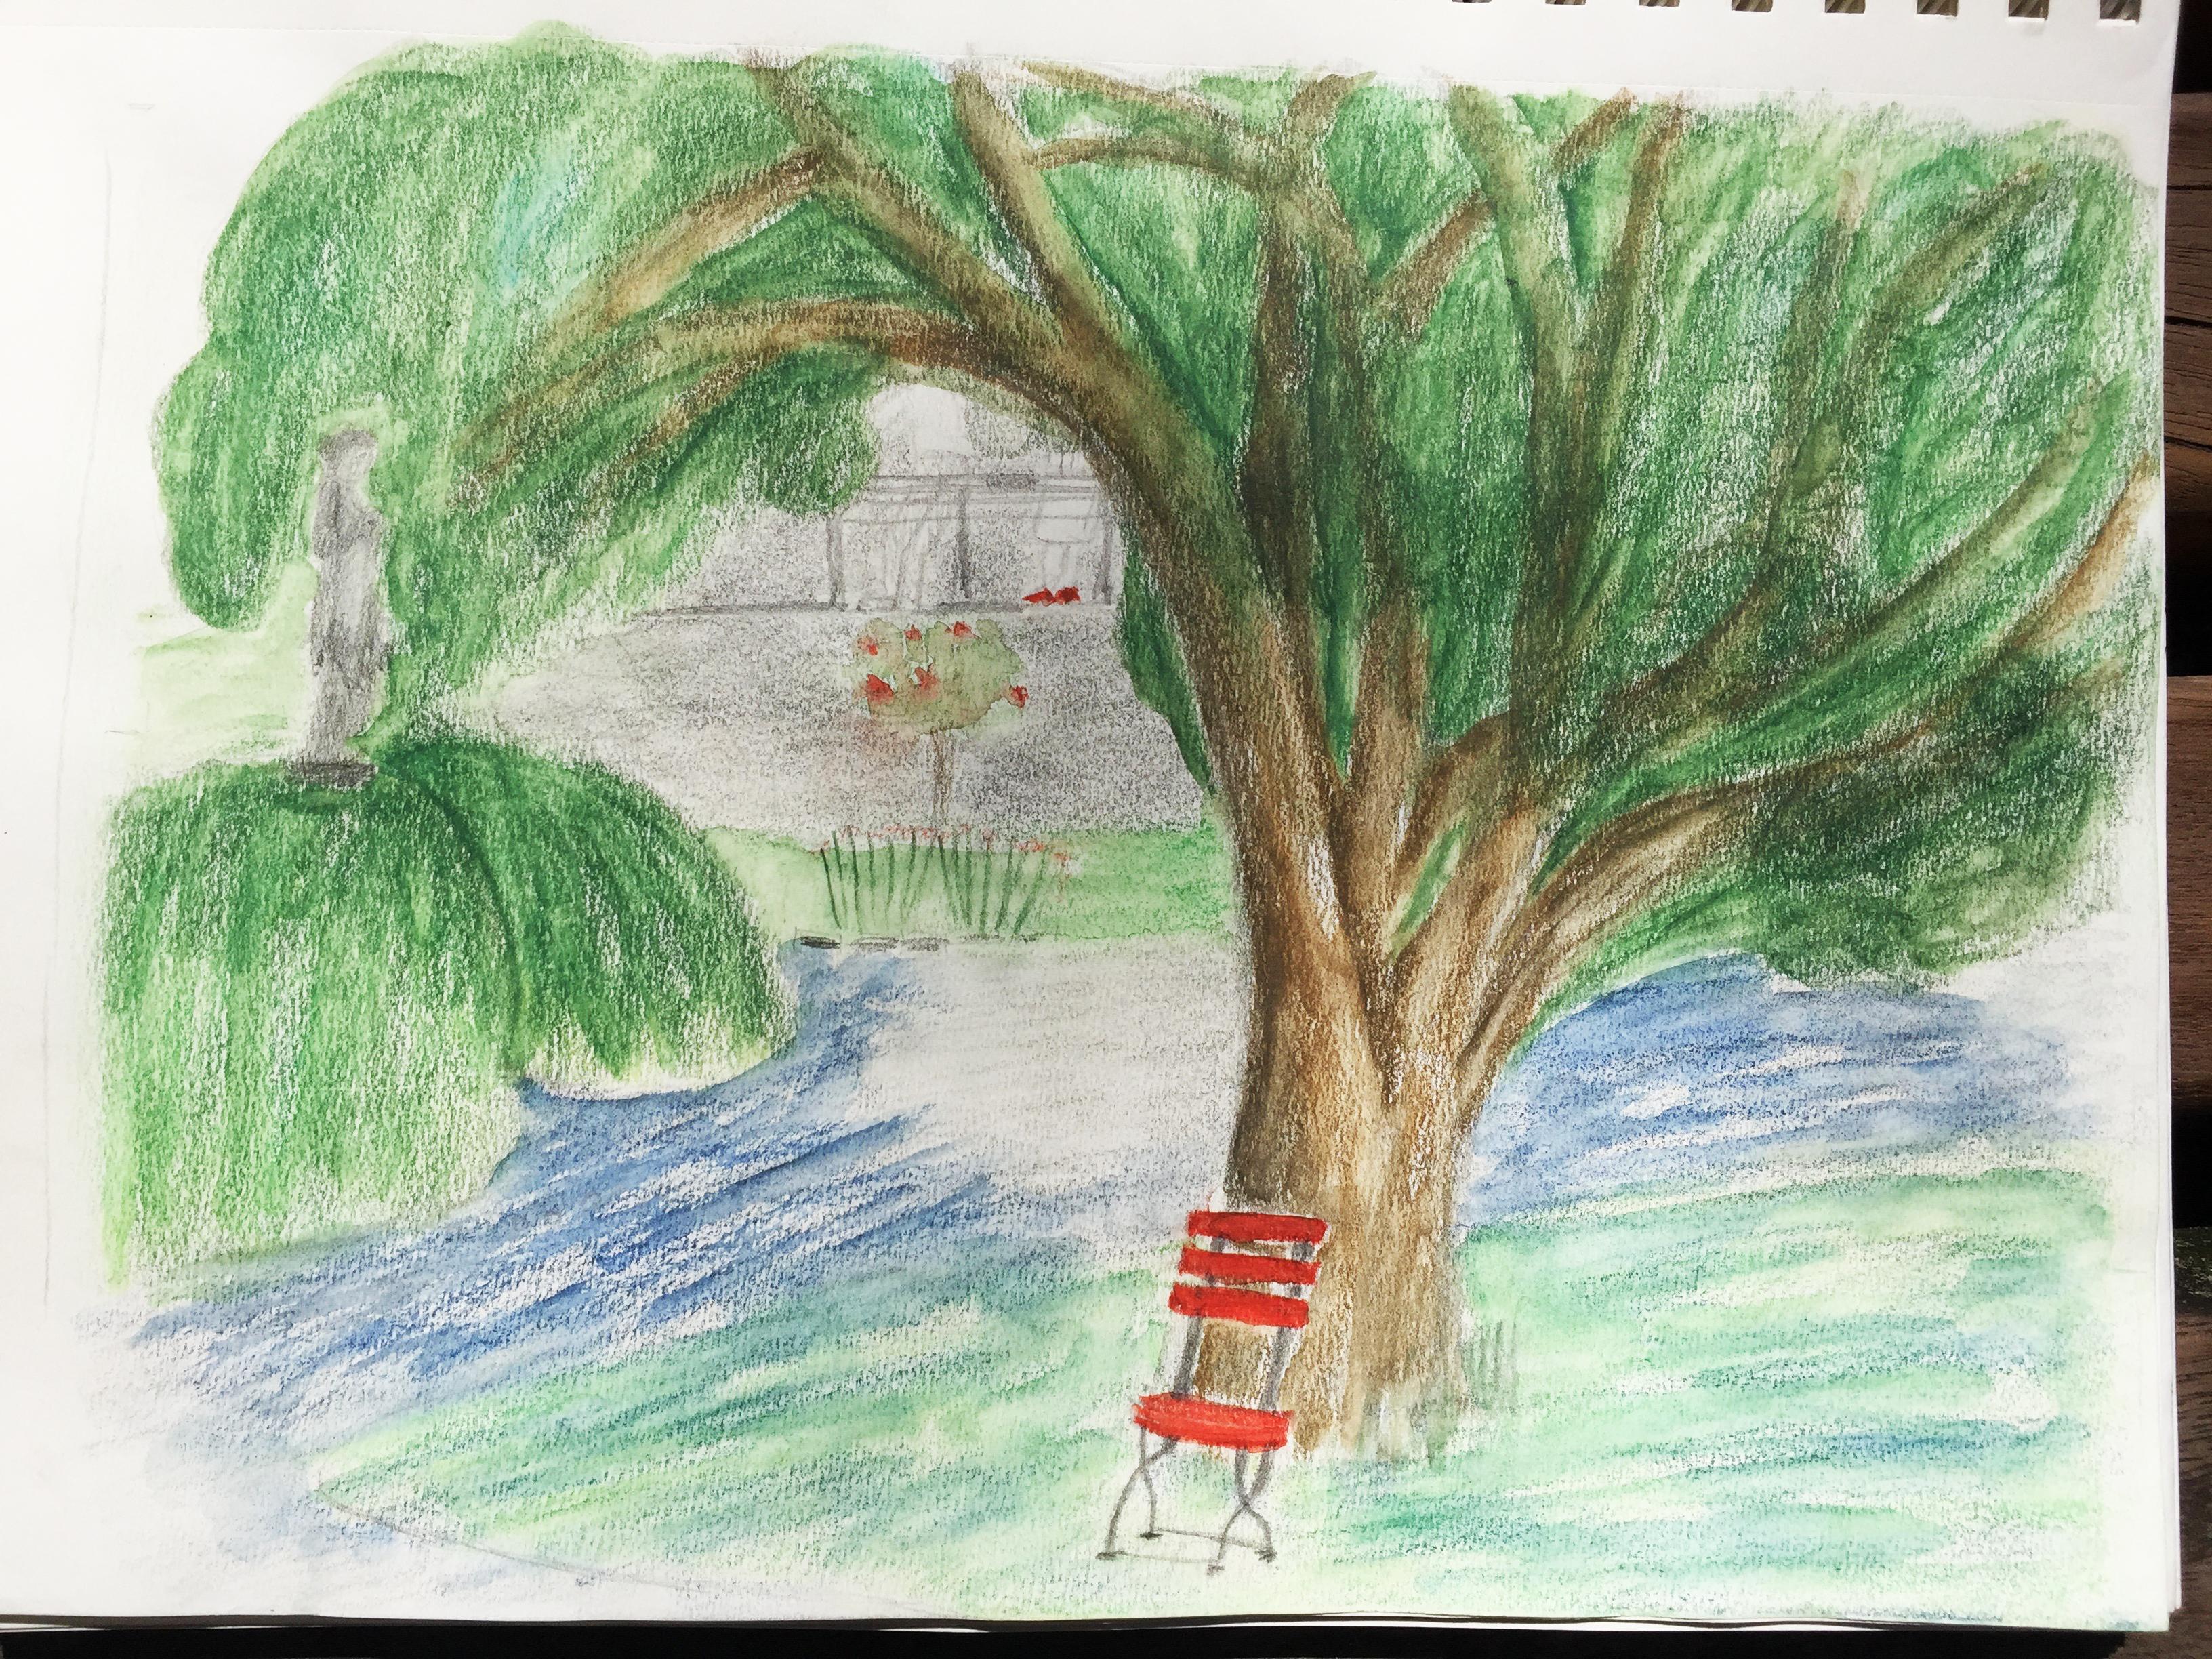 Chris von Lanthen, Patumbahpark, Summer Academy